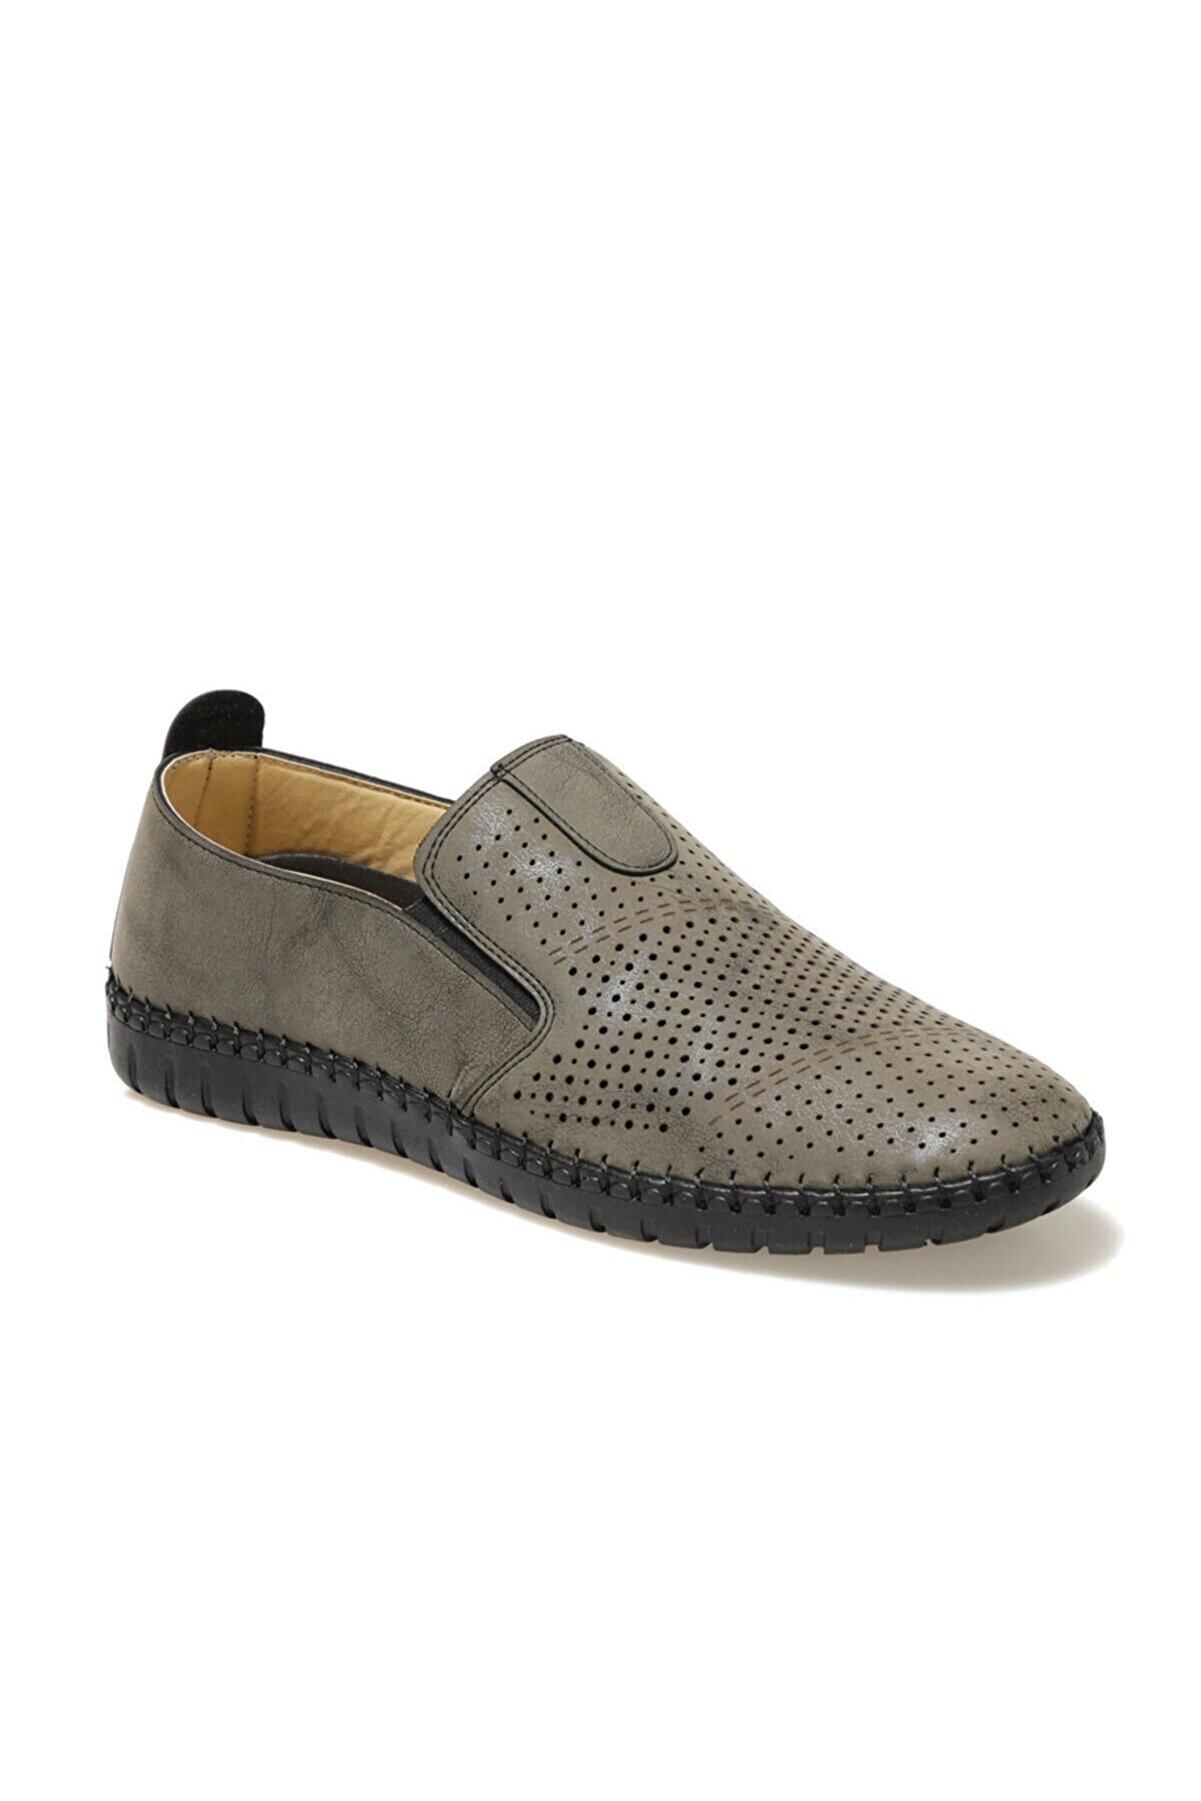 Flexall AL-21 1FX Haki Erkek Comfort Ayakkabı 100916300